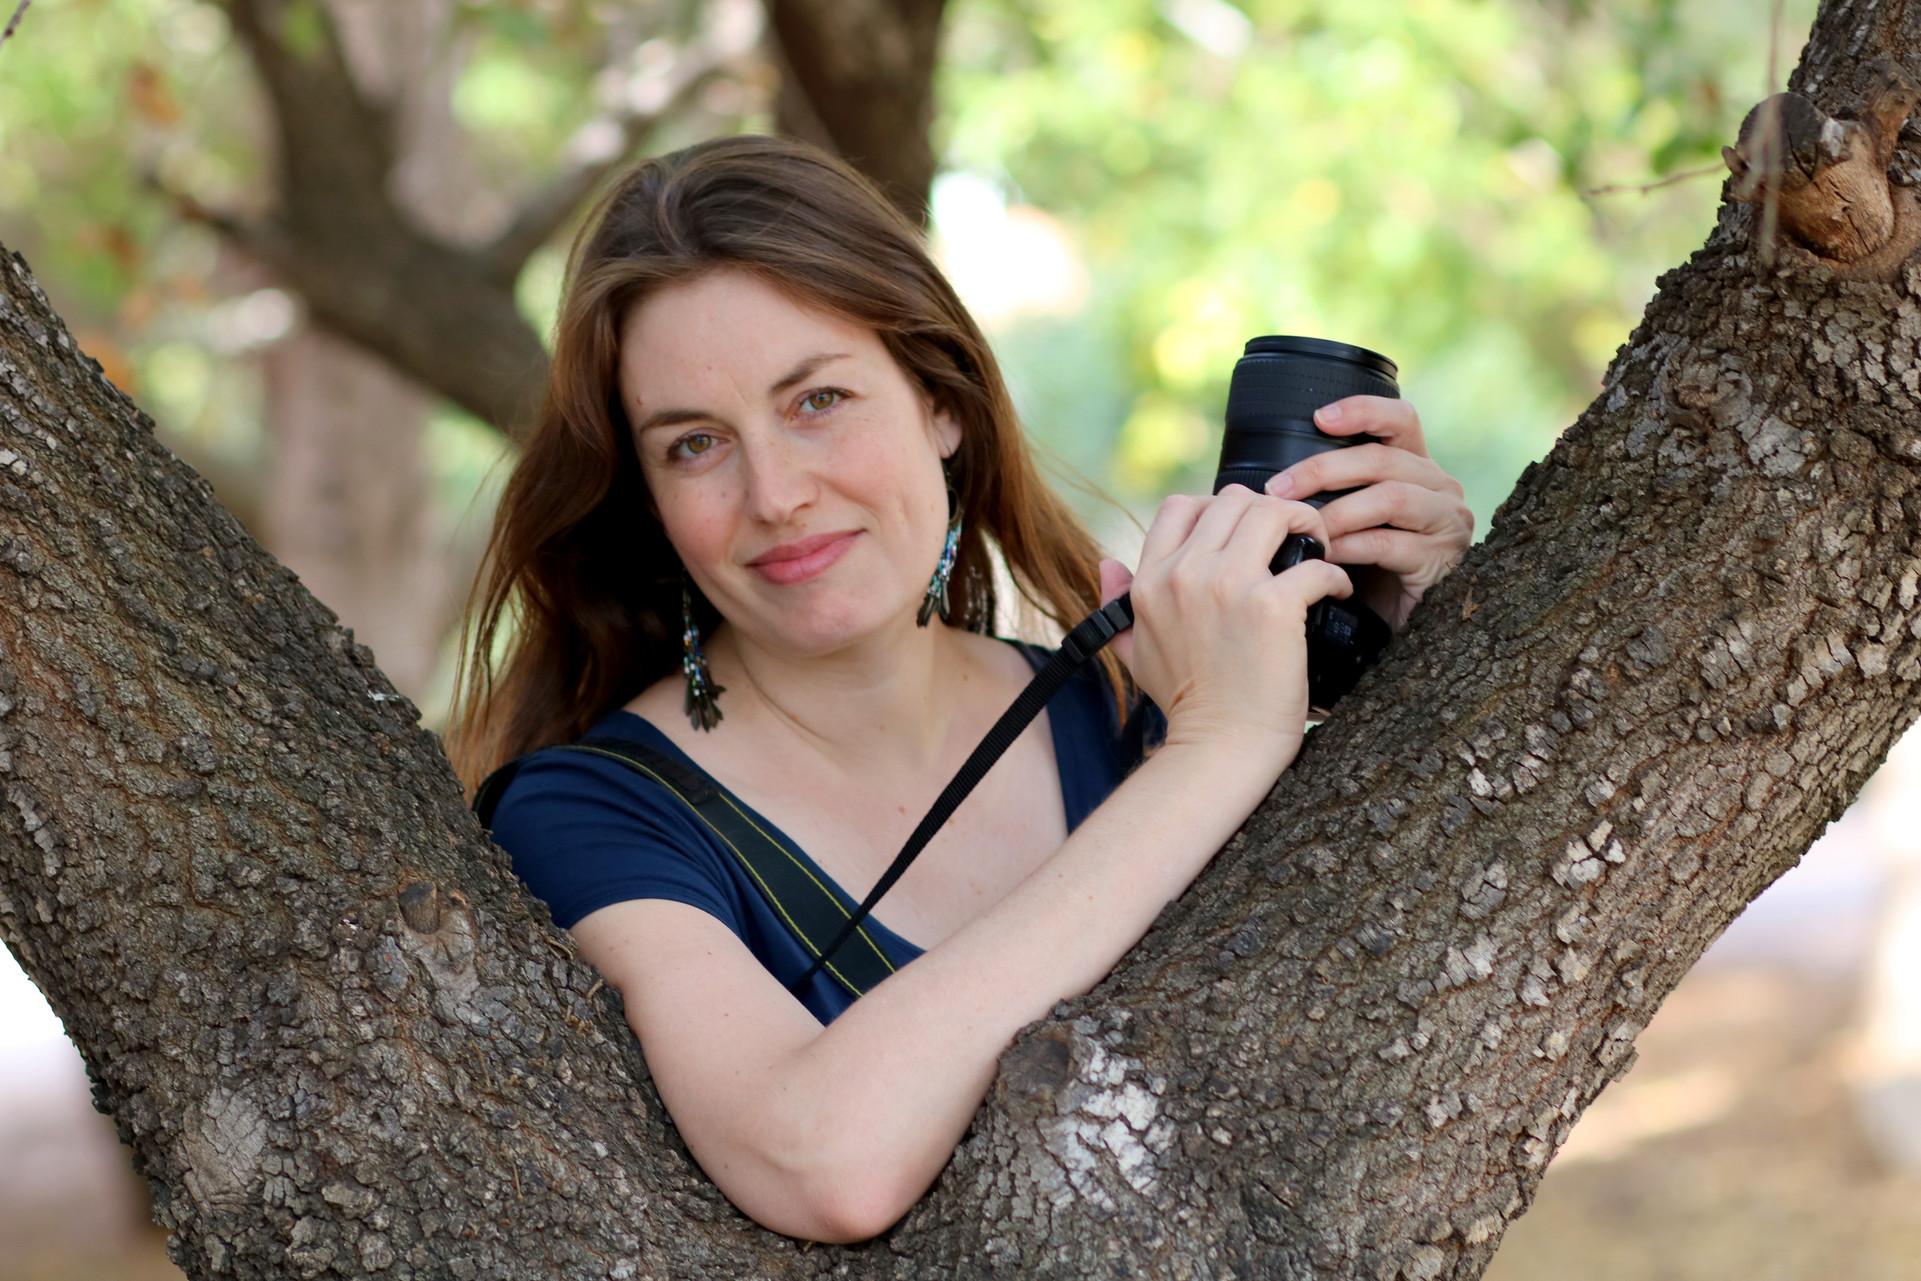 צילום בעיניים אוהבות ענת לוינסקי